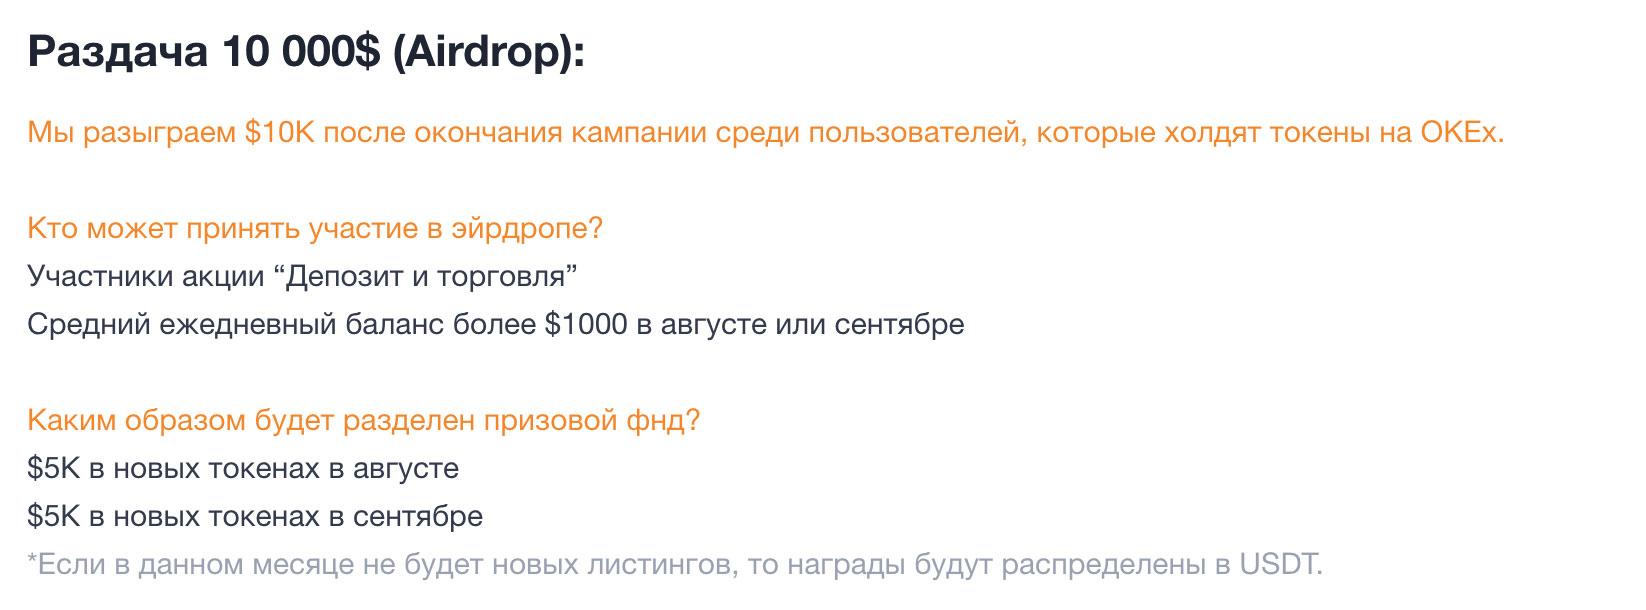 okex airdrop